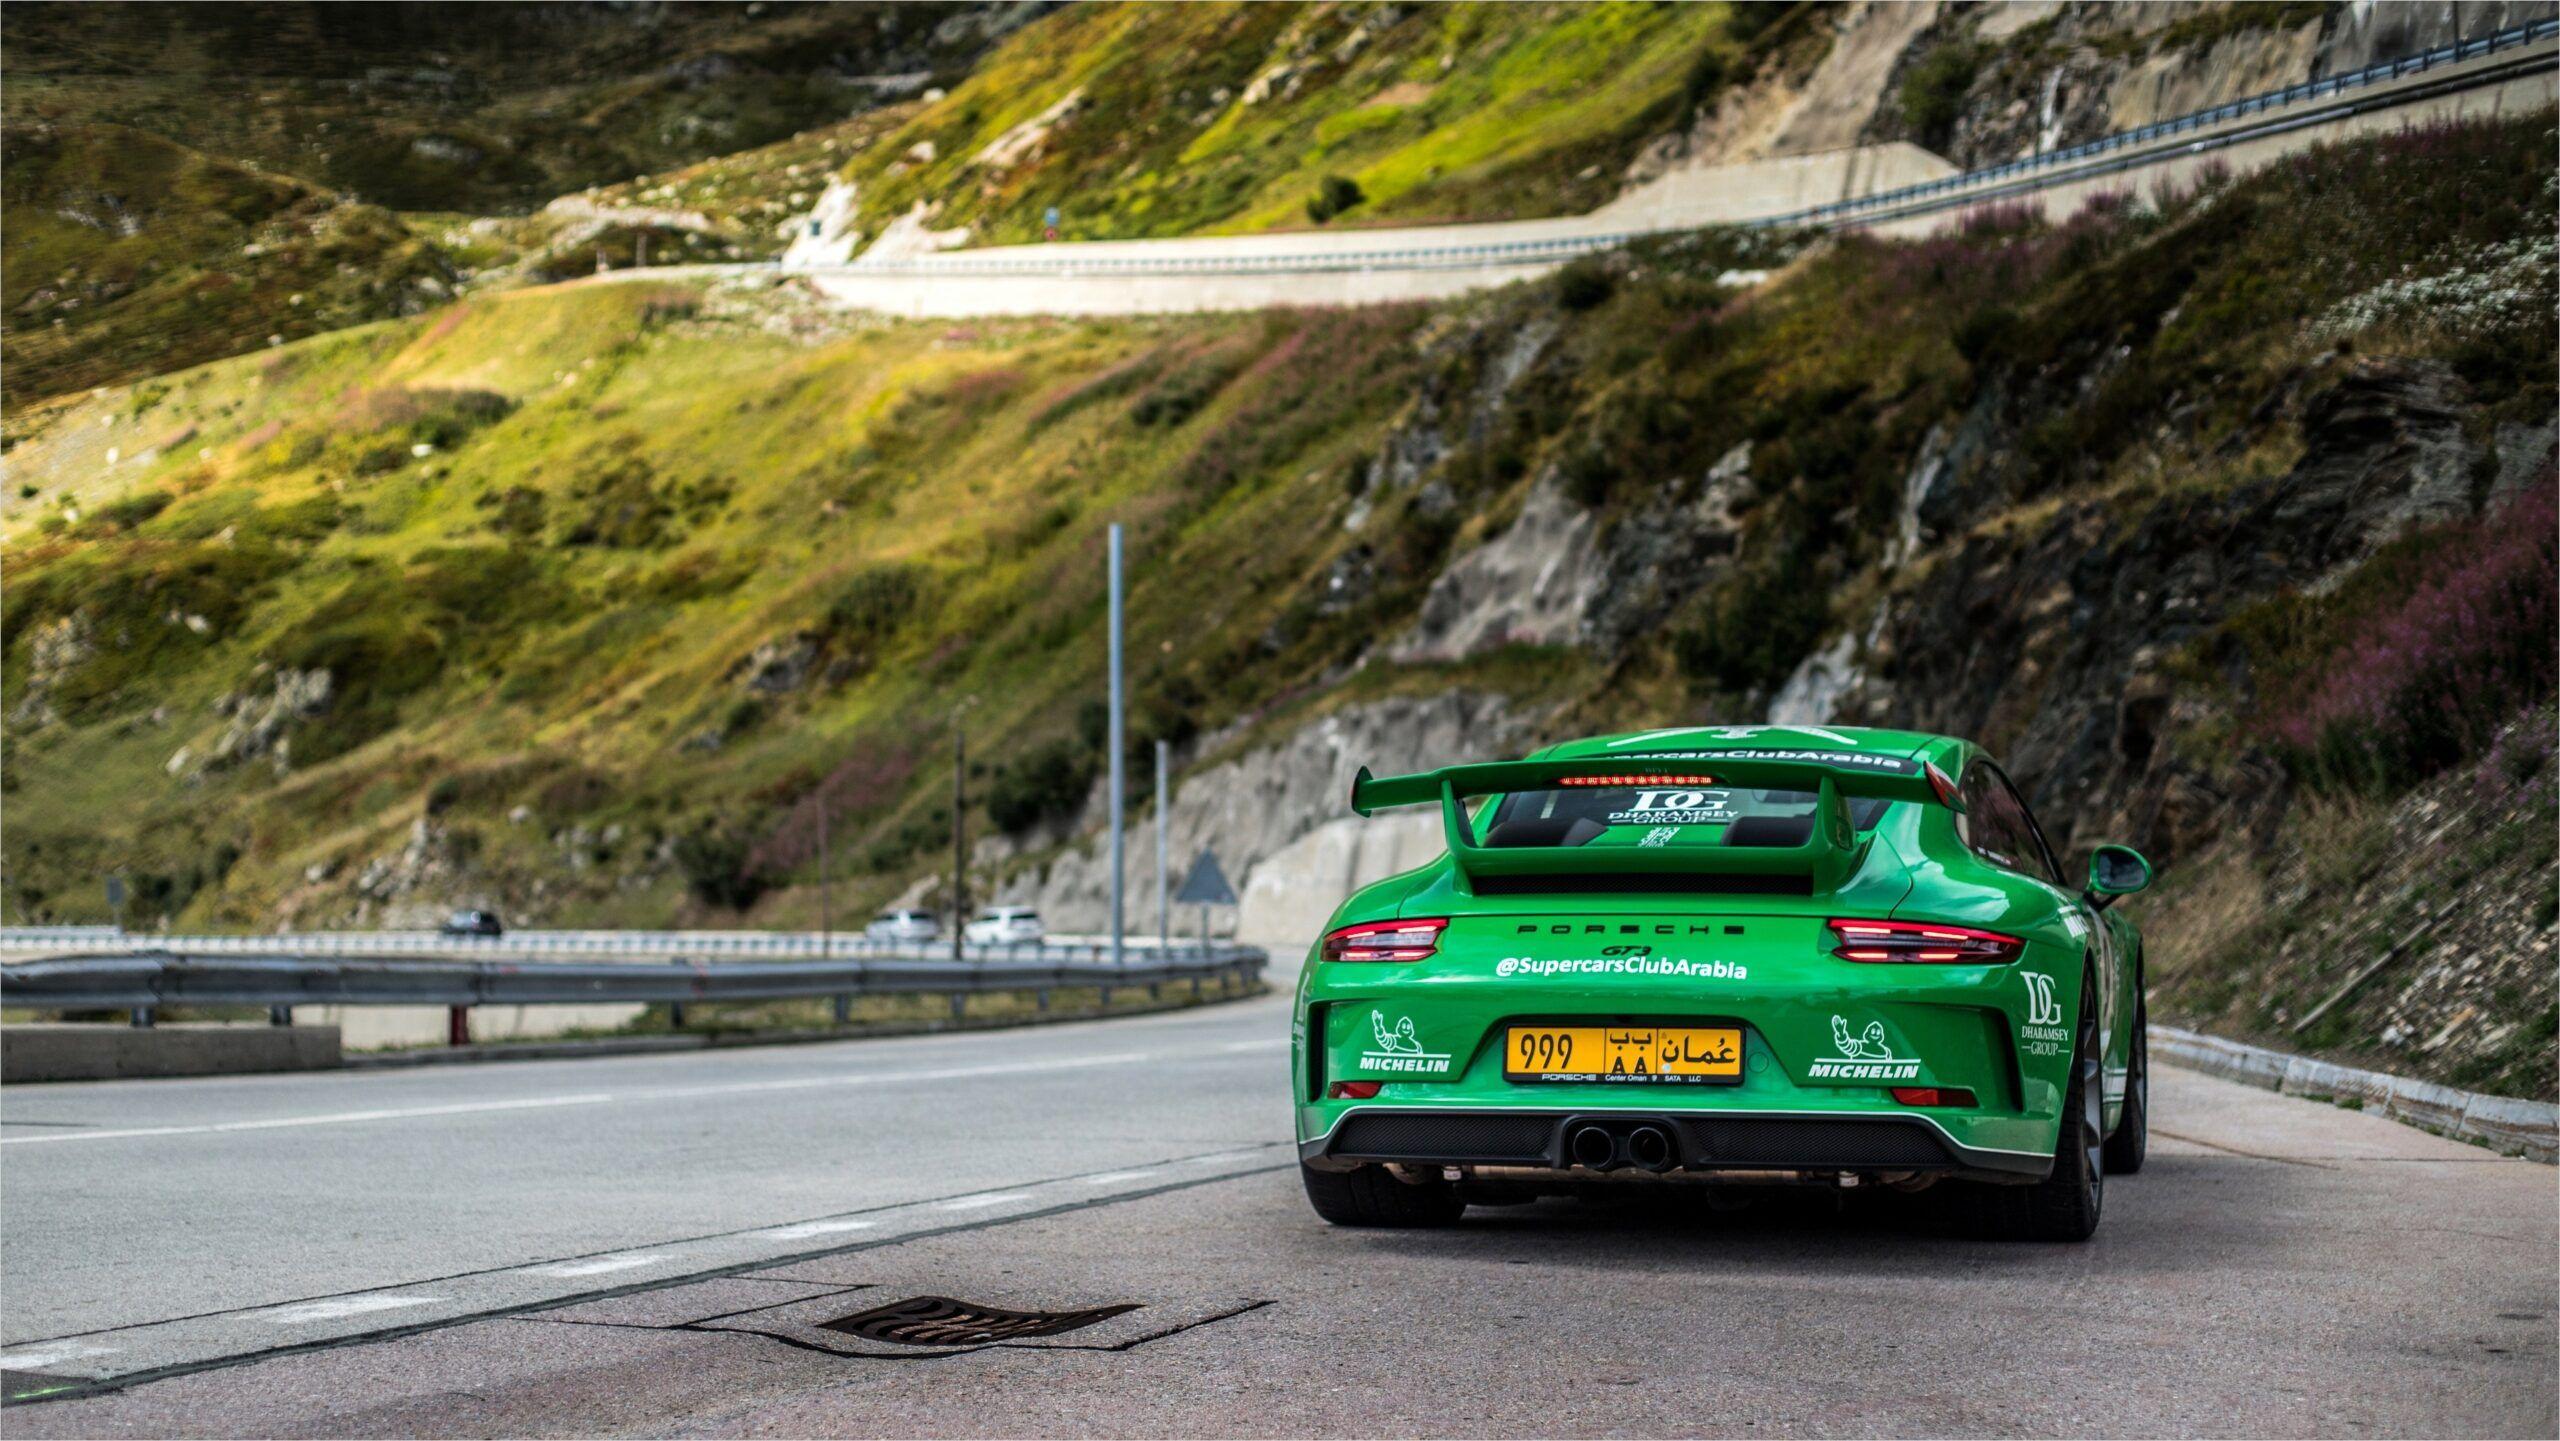 4k Race Car Wallpaper In 2020 Porsche Car Wallpapers Porsche 911 Gt3